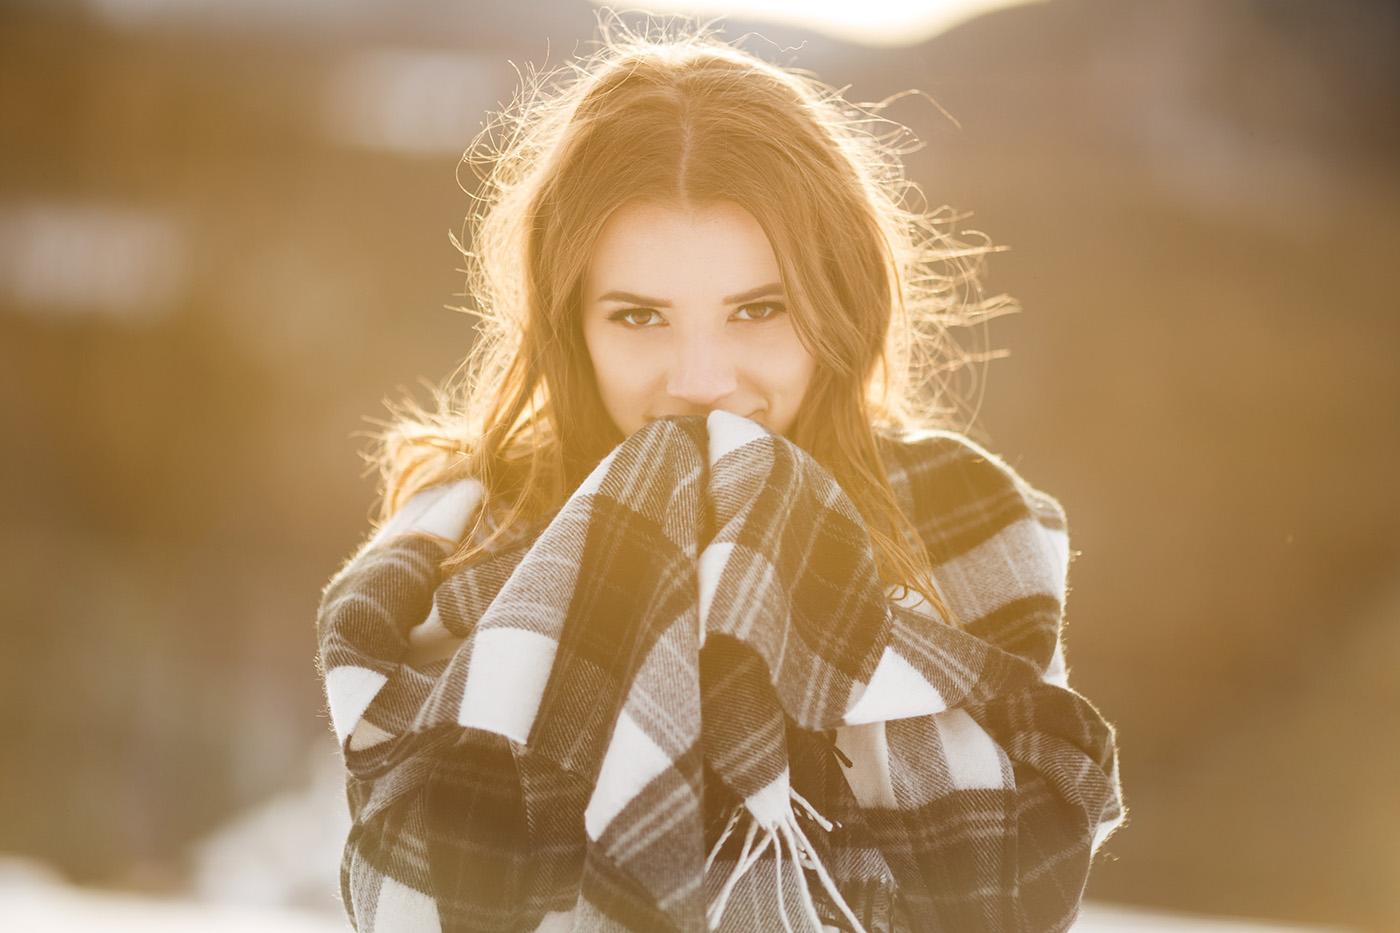 Andrea_Snow-15